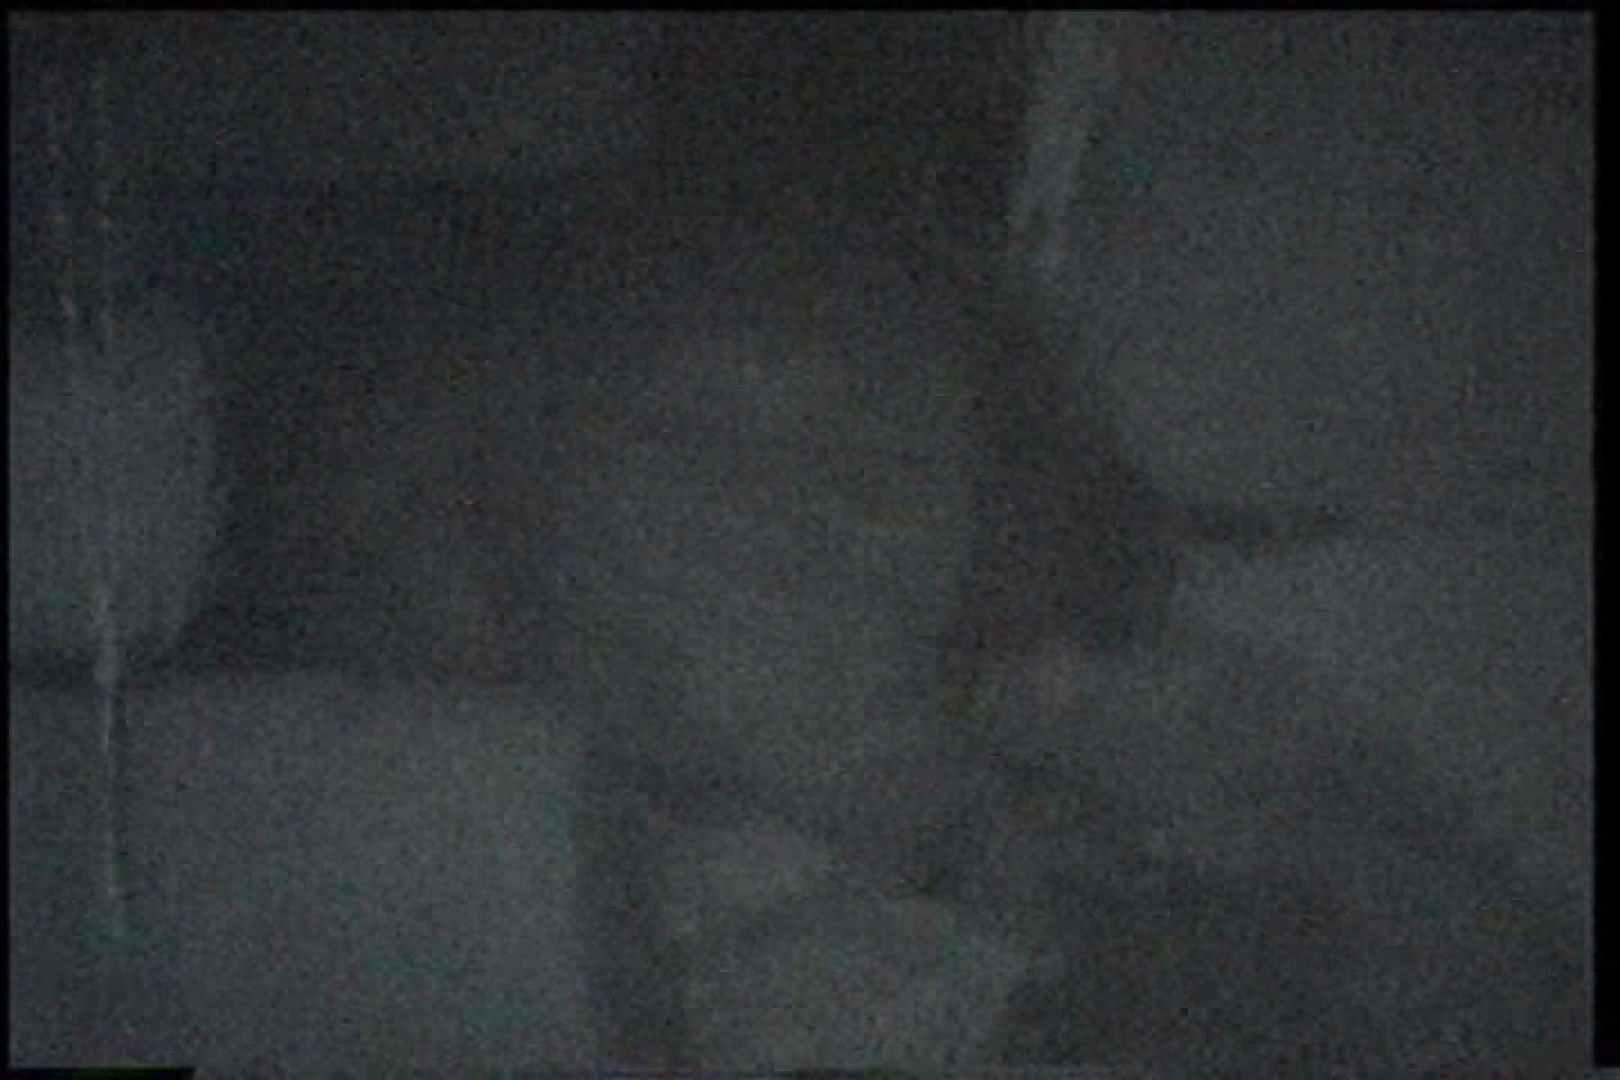 充血監督の深夜の運動会Vol.194 カップル ワレメ無修正動画無料 92pic 2